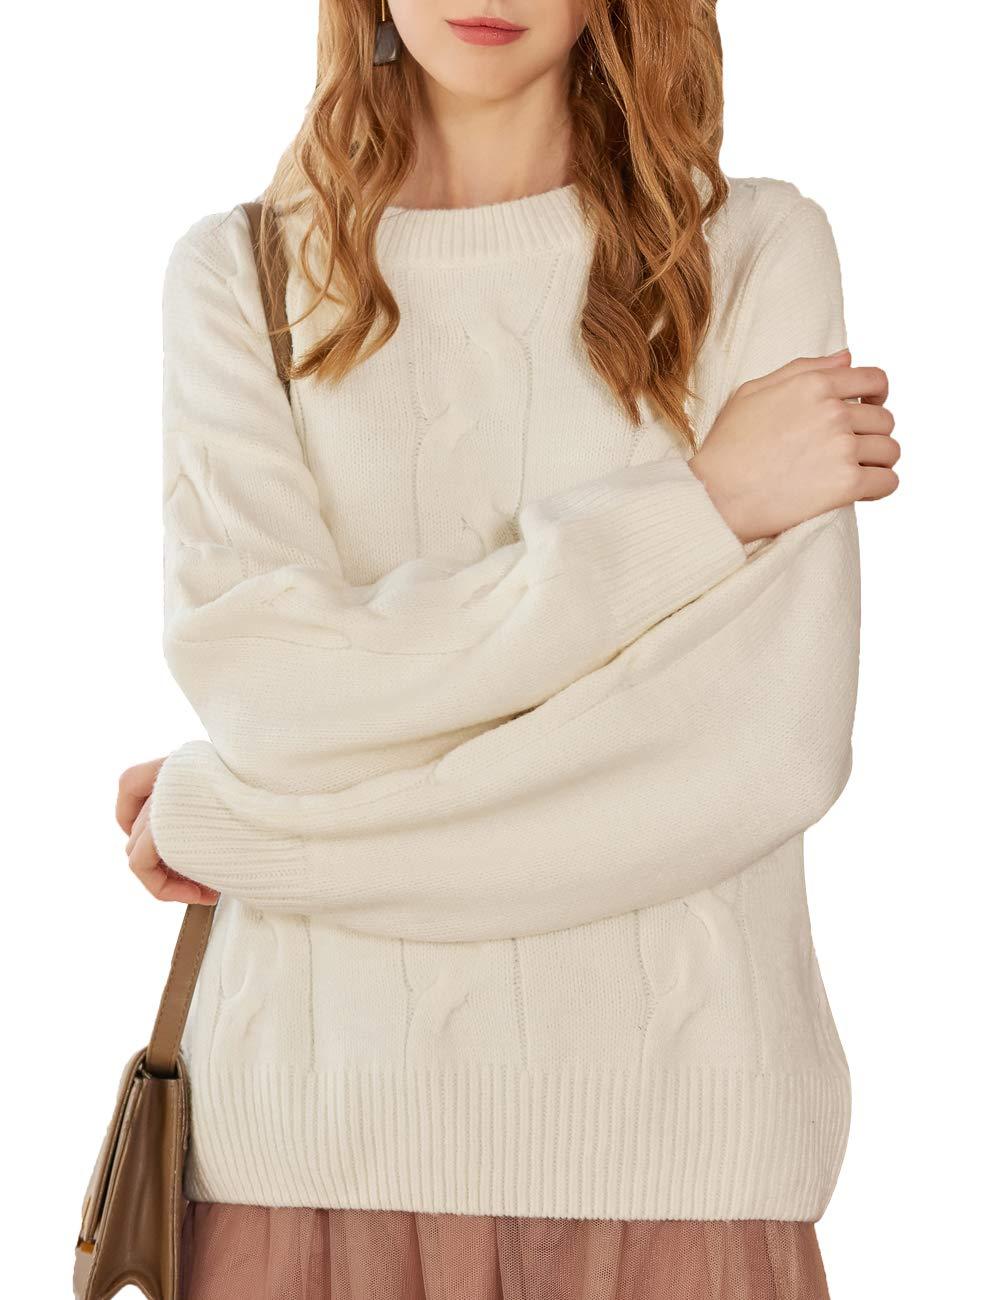 Secchic Short Sweater (White, Small)